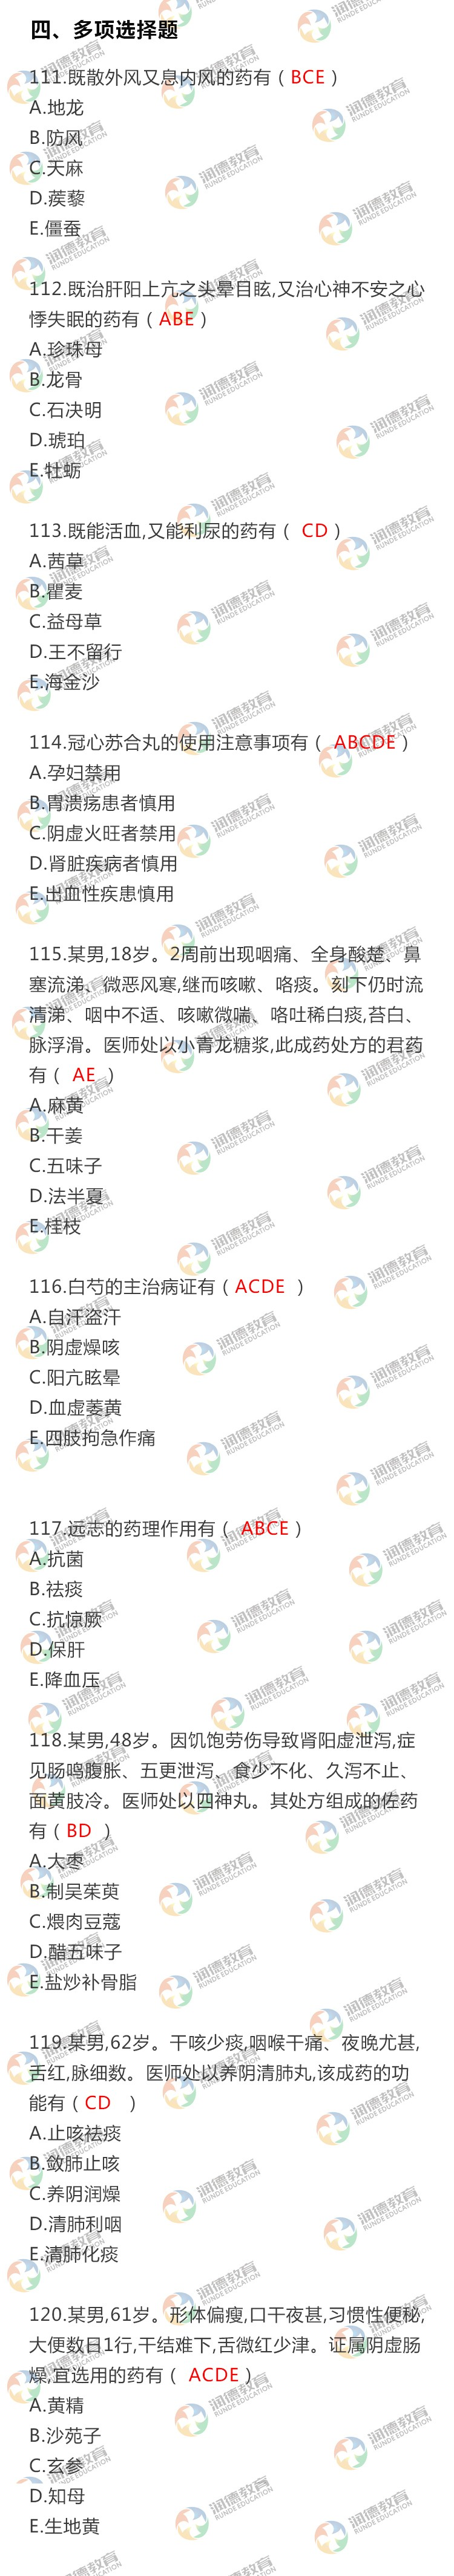 中药二111-120.jpg